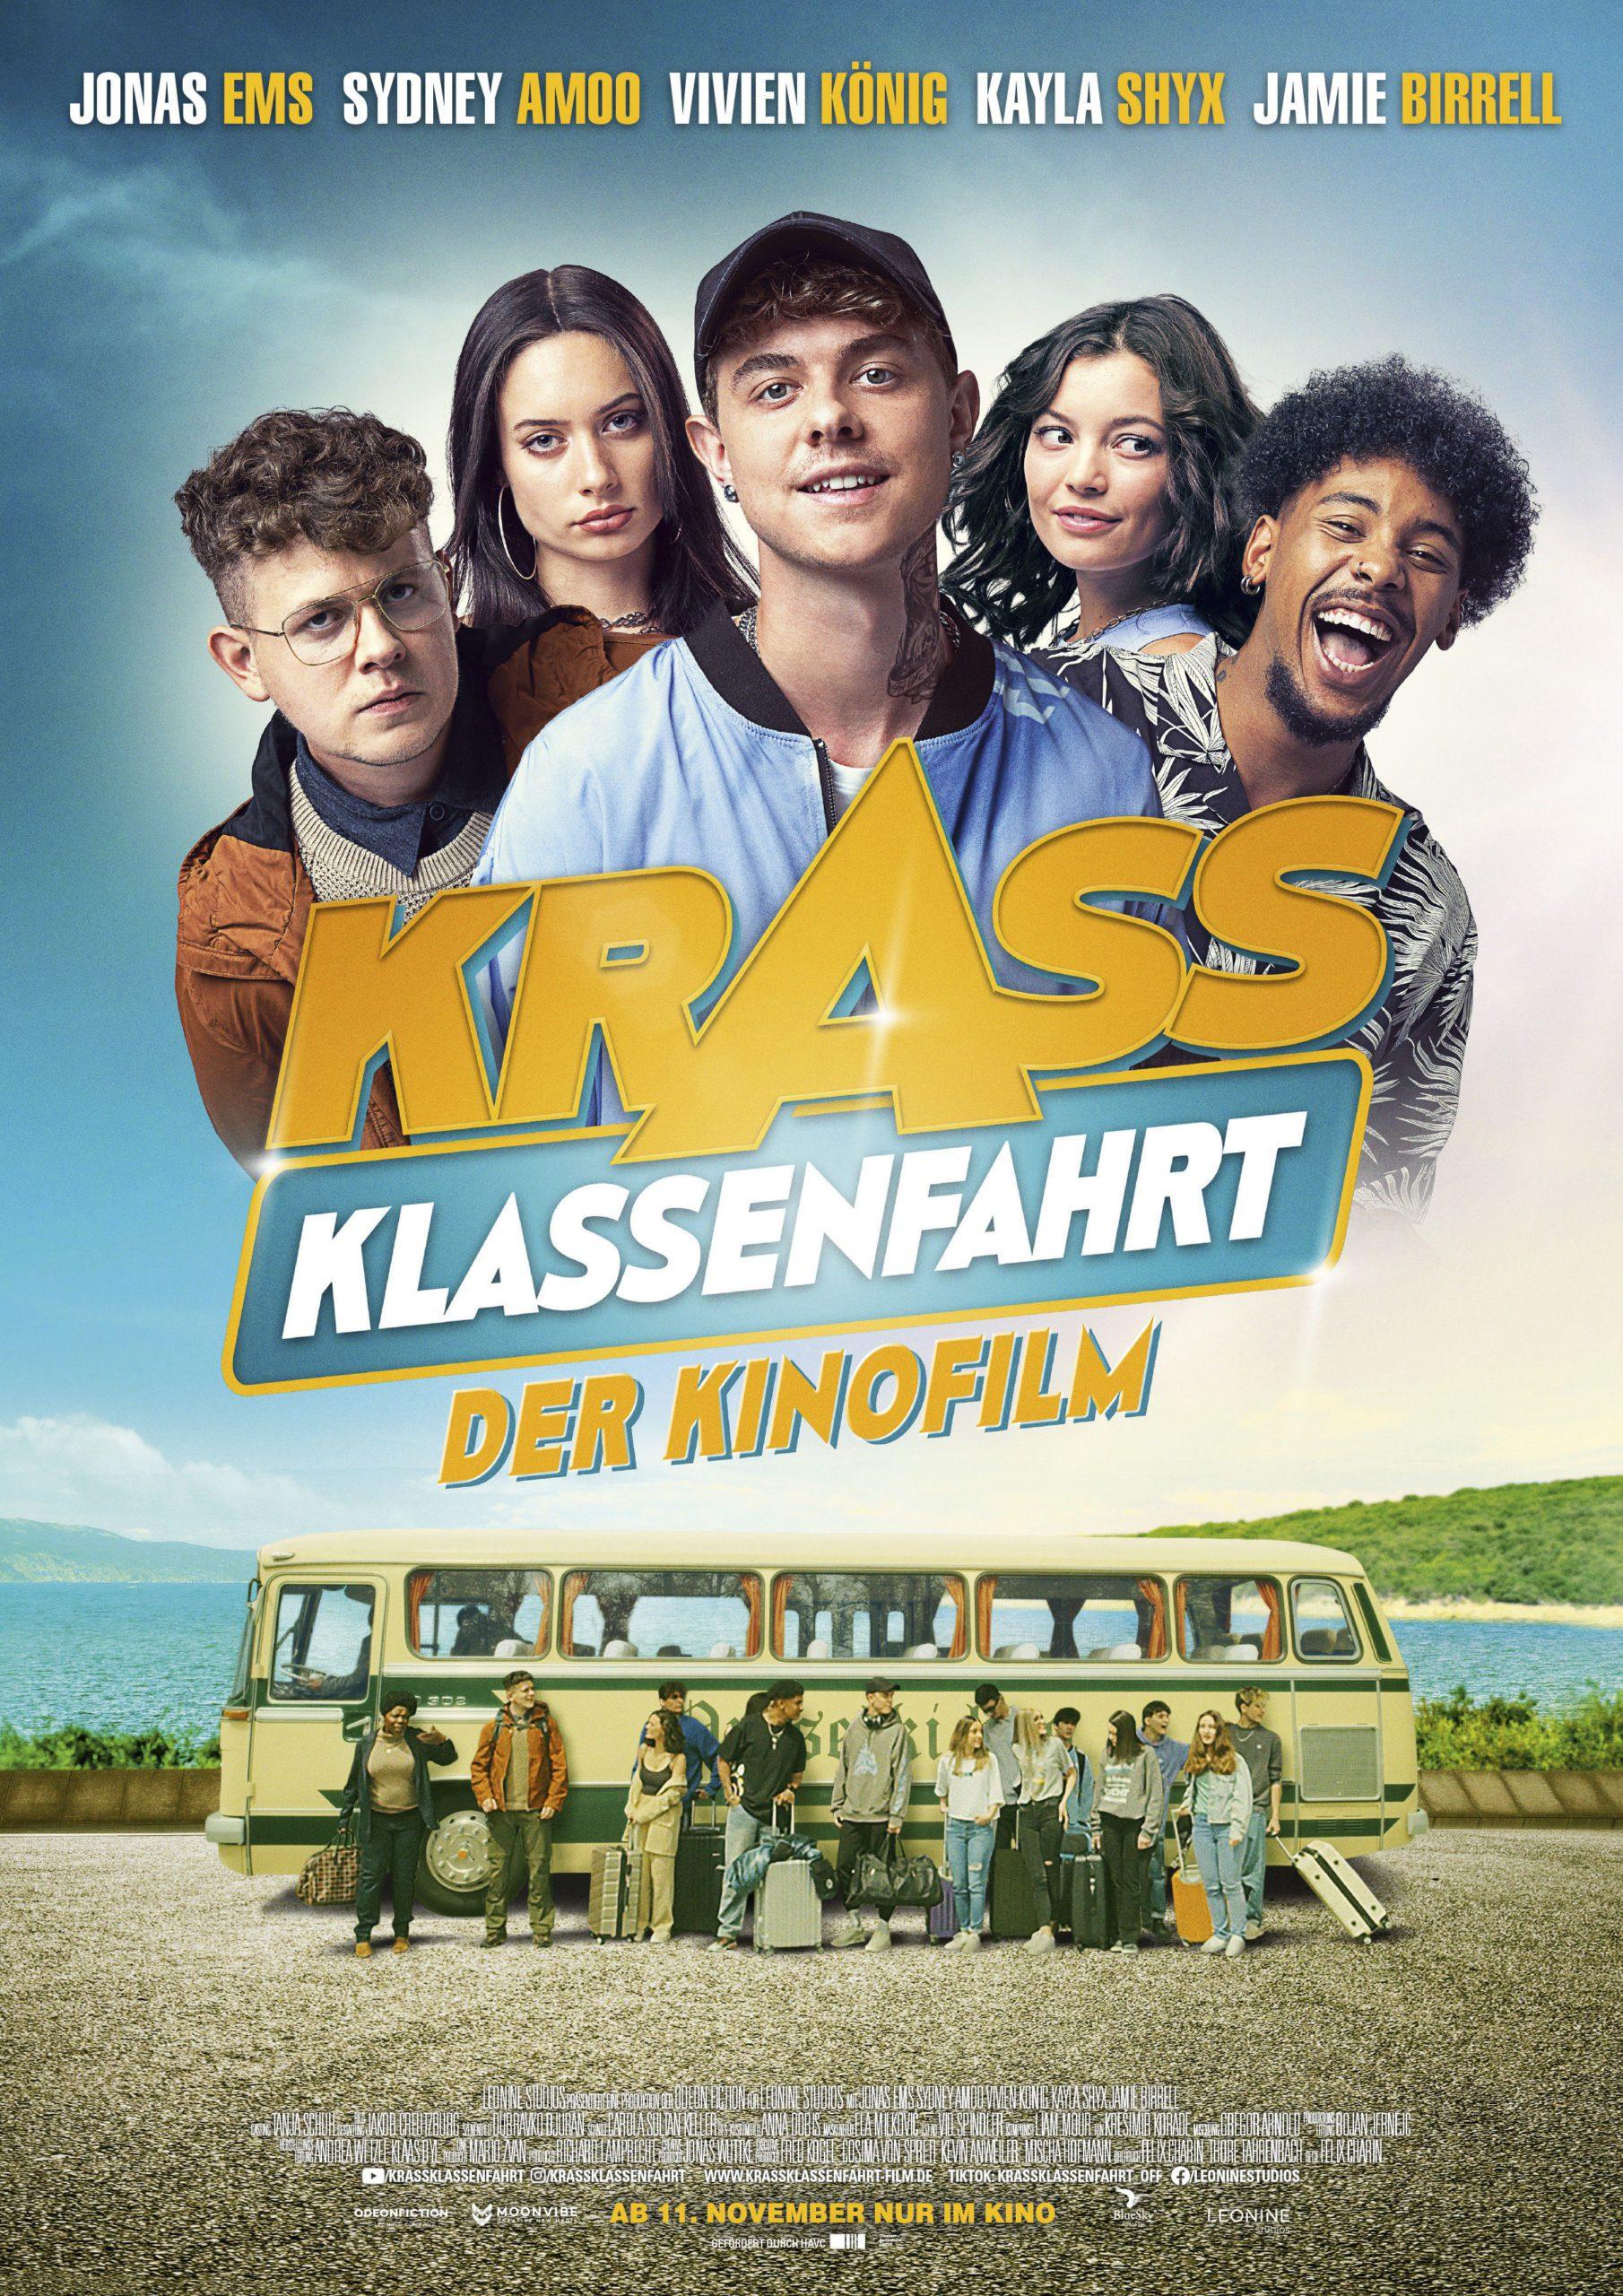 """TRAILER ZU """"KRASS KLASSENFAHRT"""" : ECO-HOSTEL, RAP UND LIEBE"""